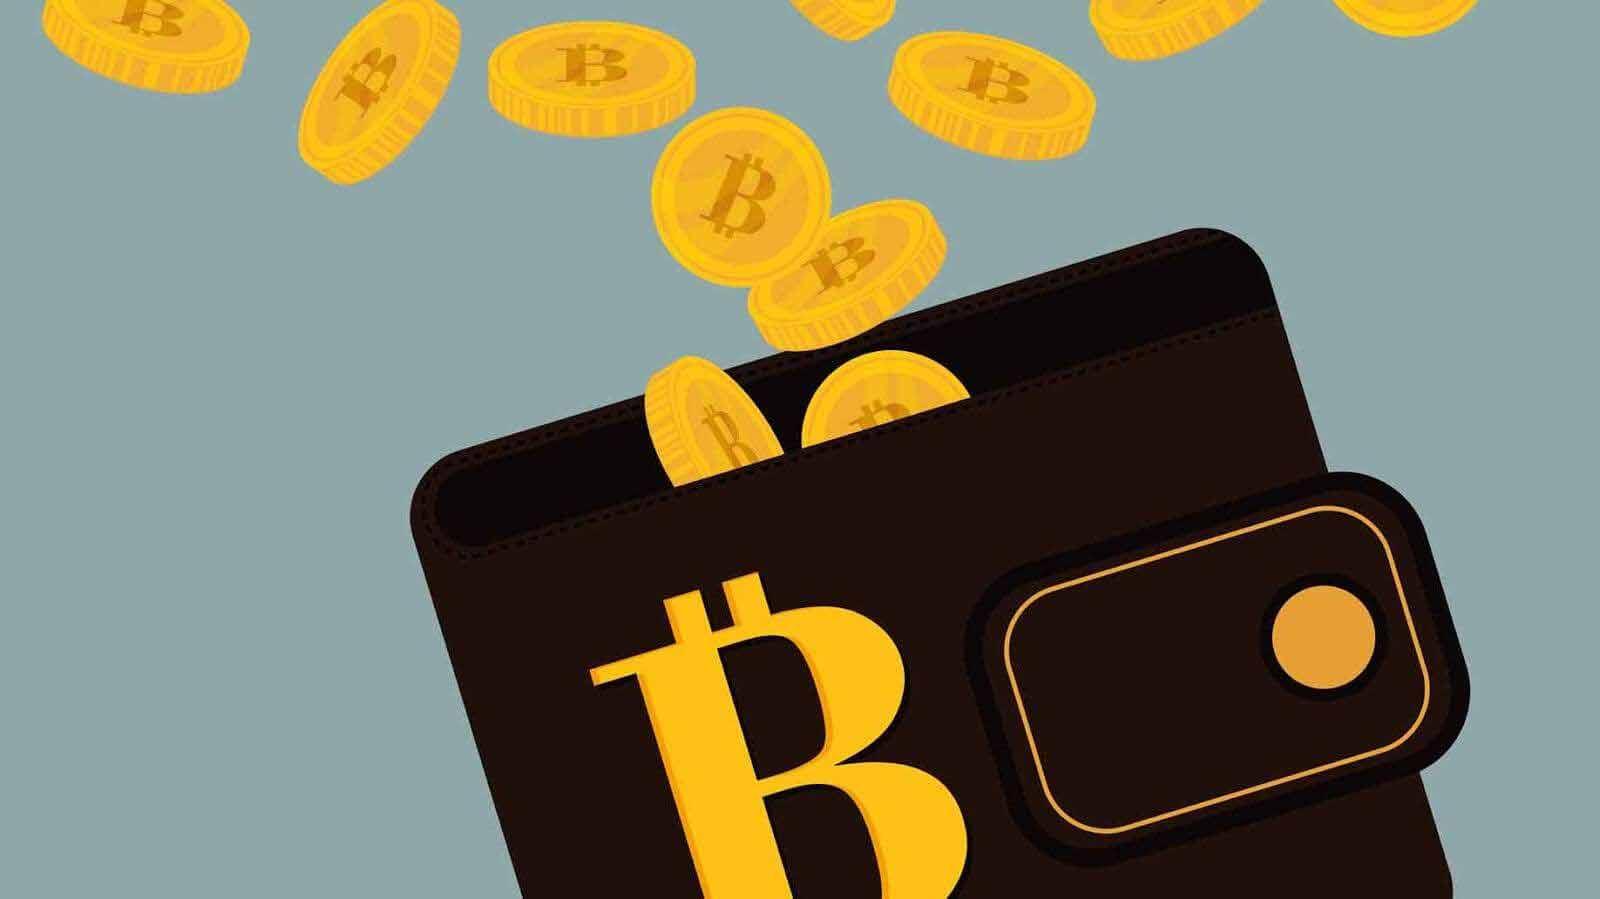 bircoin, monero, waves, ethereum, ether, btc, wallet, cüzdan, bitcoin cüzdanı,